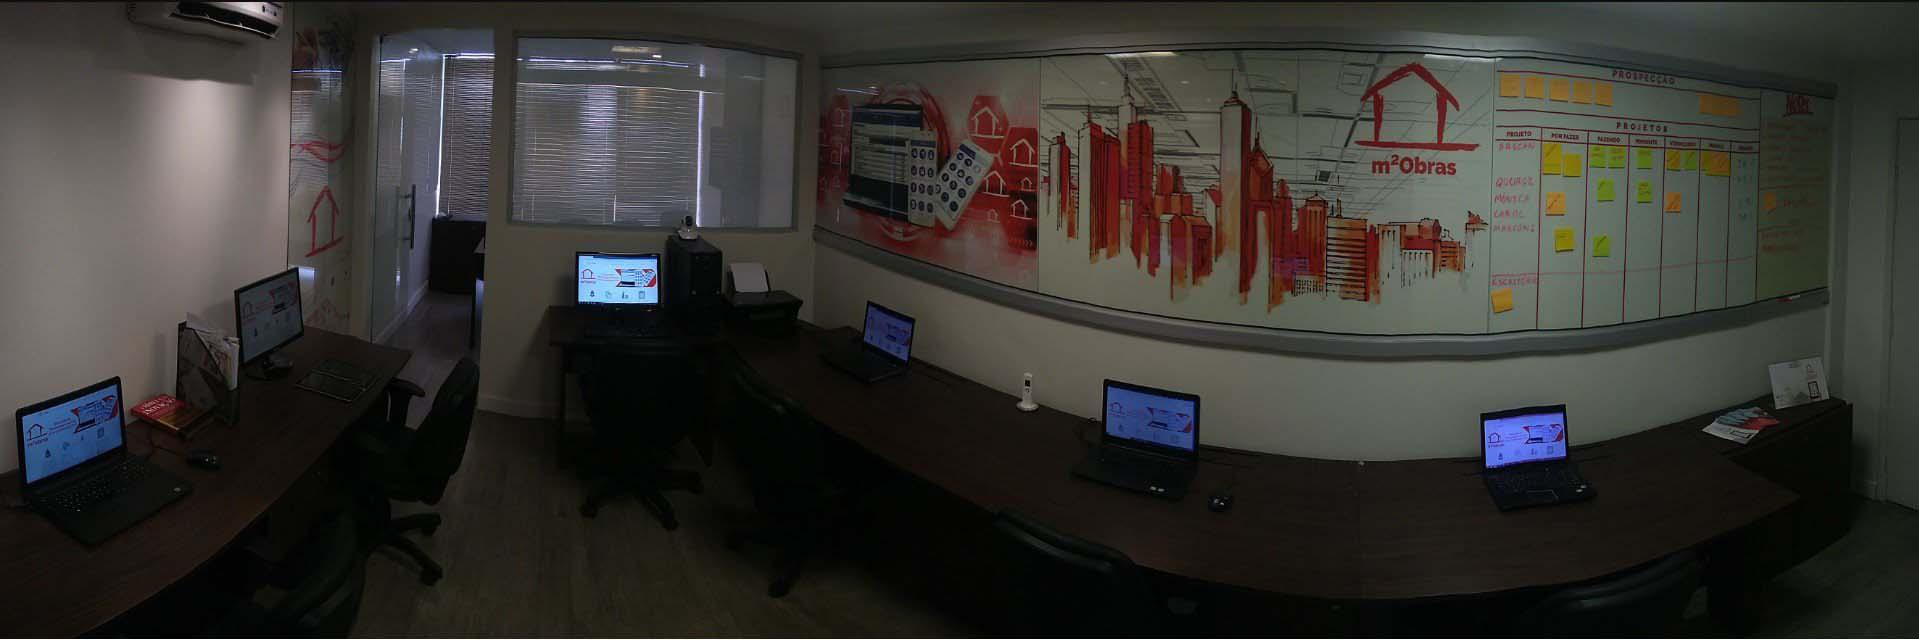 escritorio-m2obras